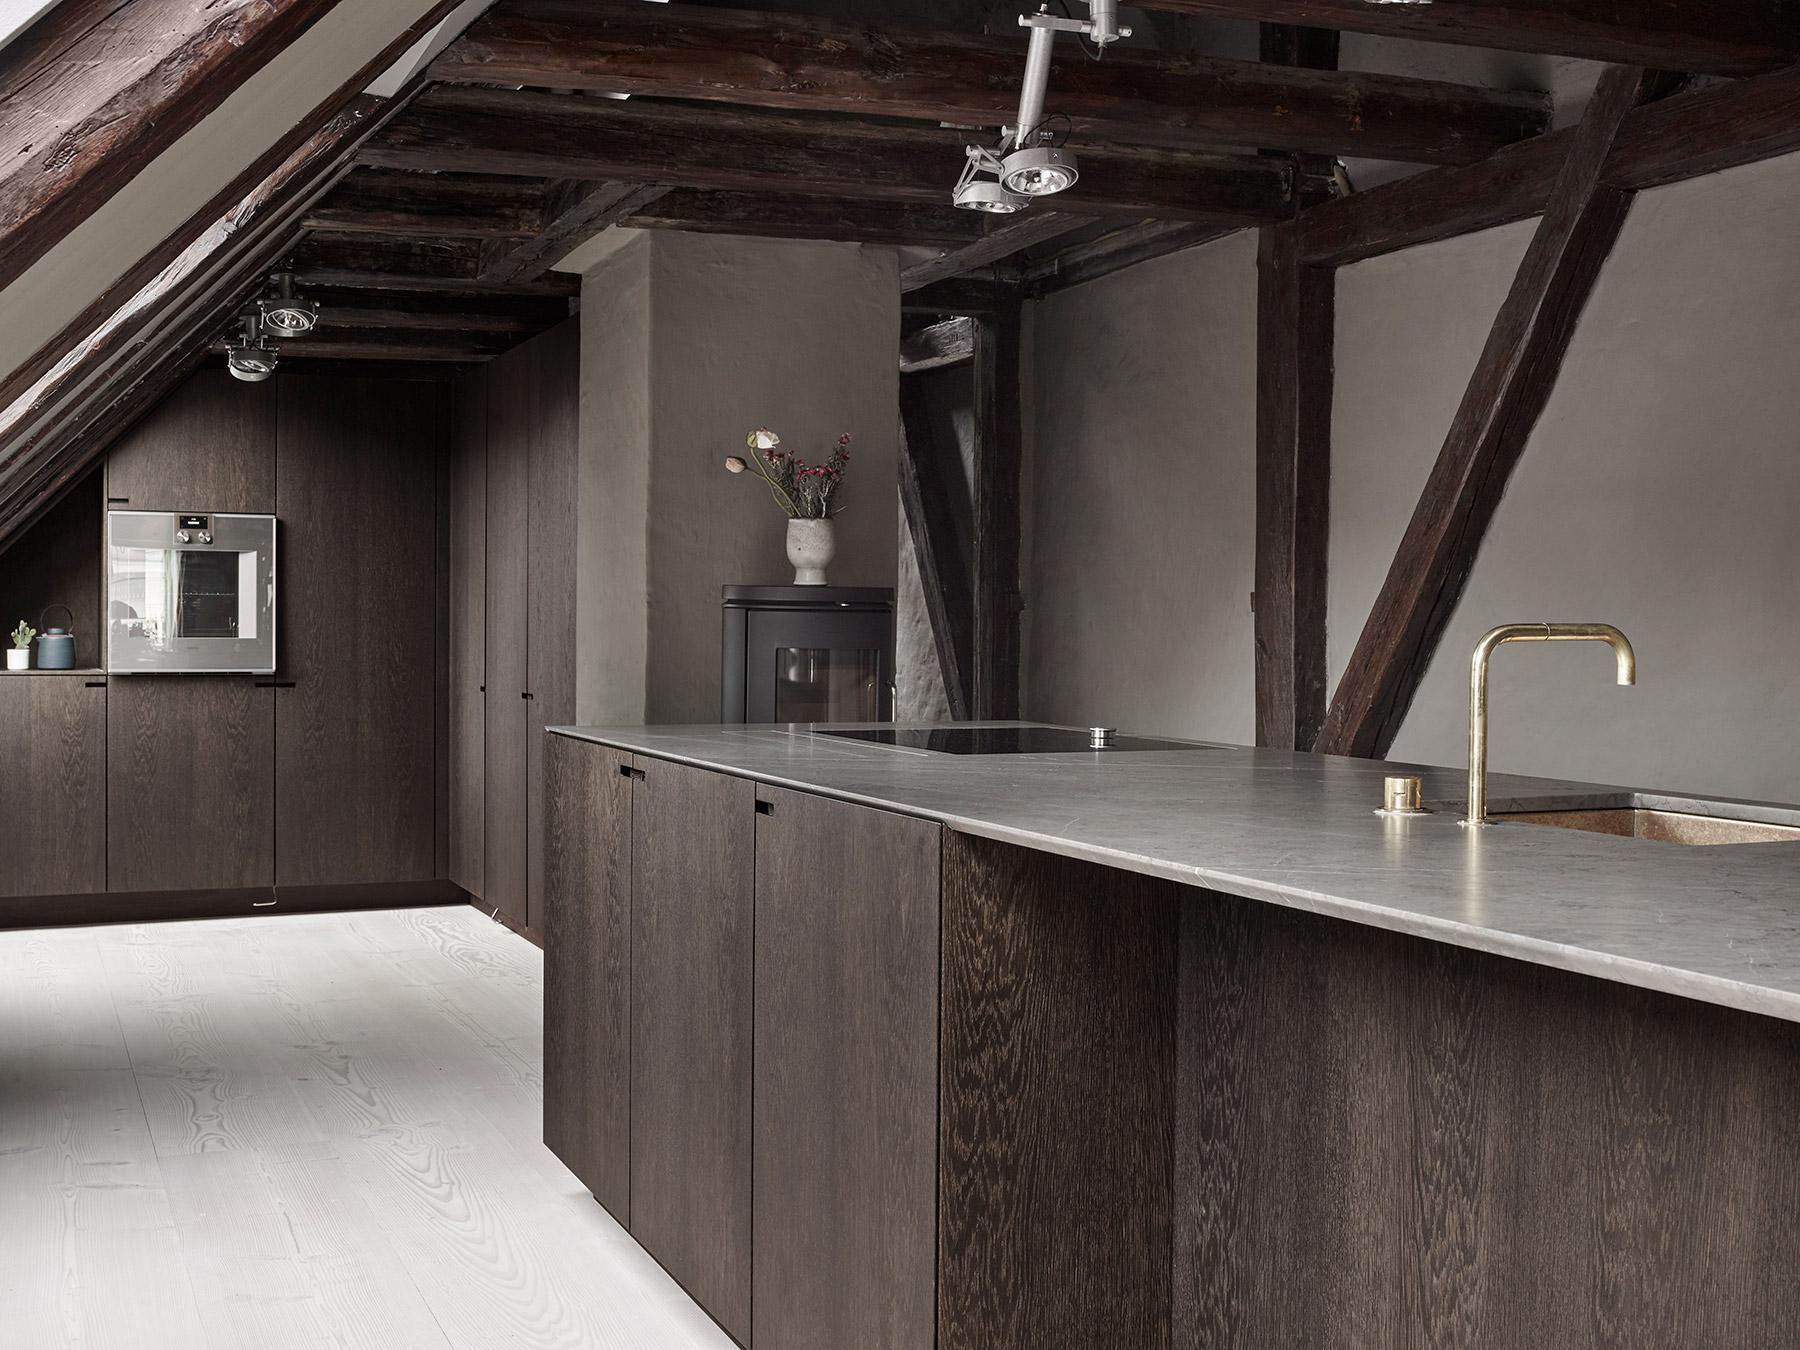 snedkerk kkenet st kongensgade nicolaj bo. Black Bedroom Furniture Sets. Home Design Ideas